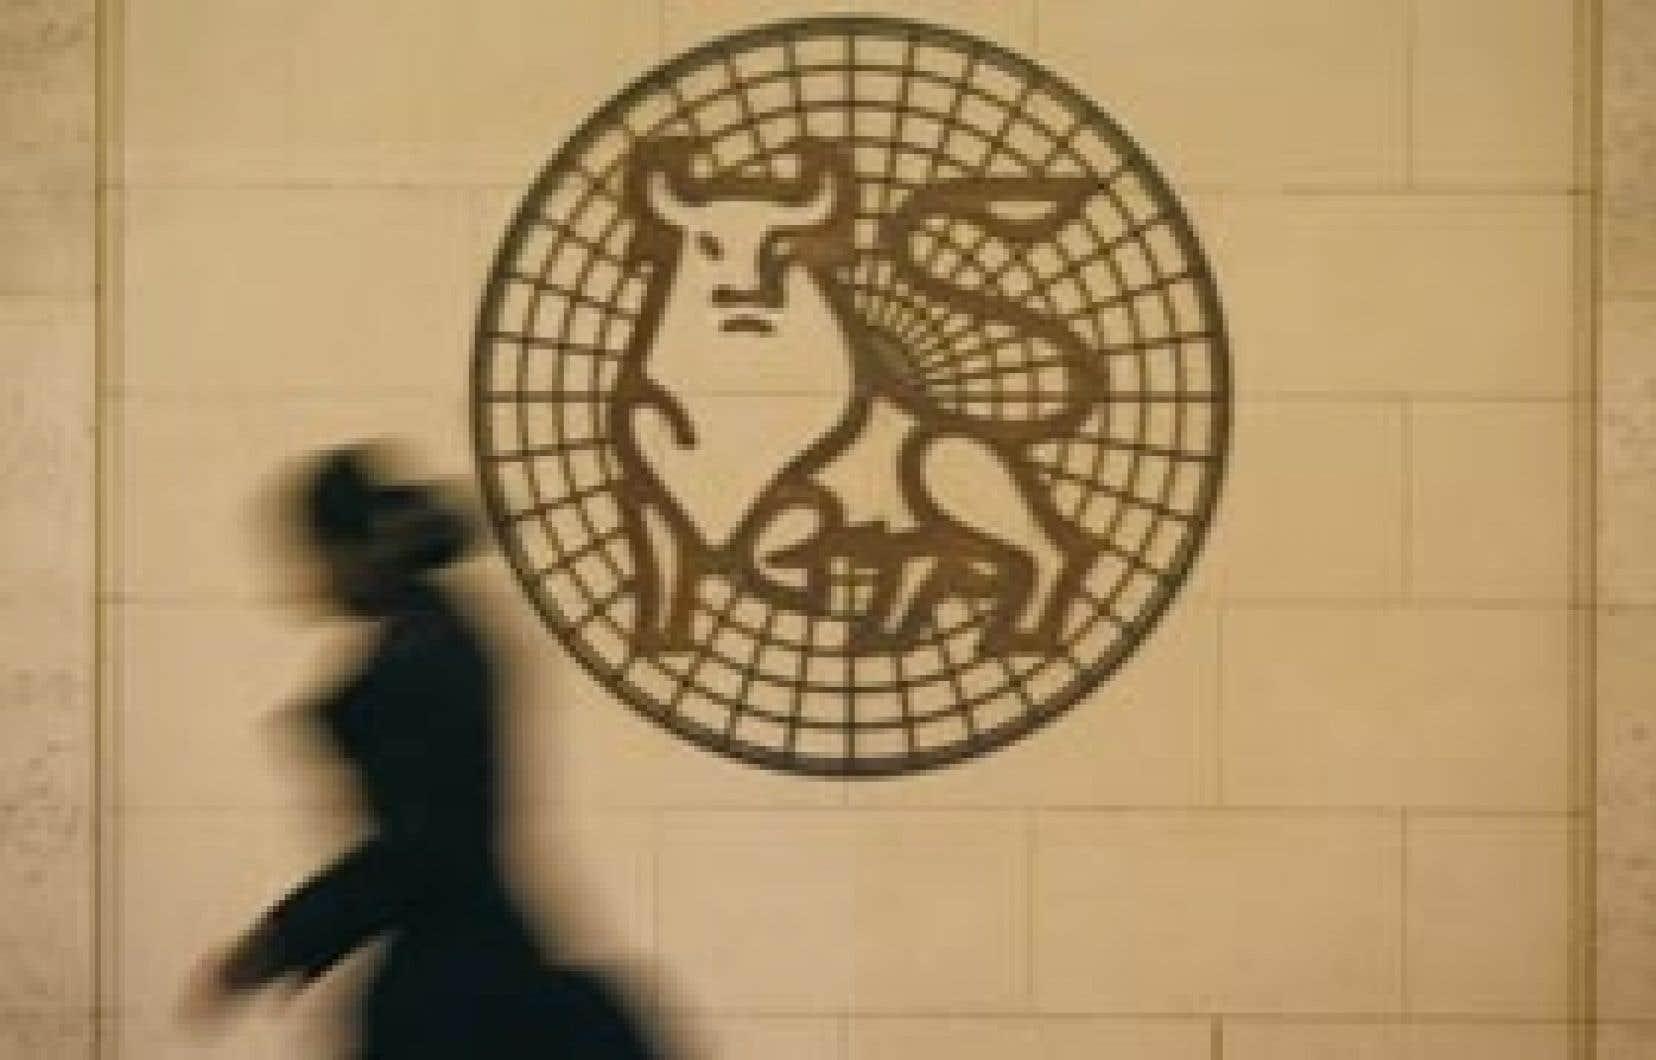 Un courtier de Merrill Lynch basé à Londres, Alexis Stenfors, aurait perdu 120 millions sur le marché des changes.